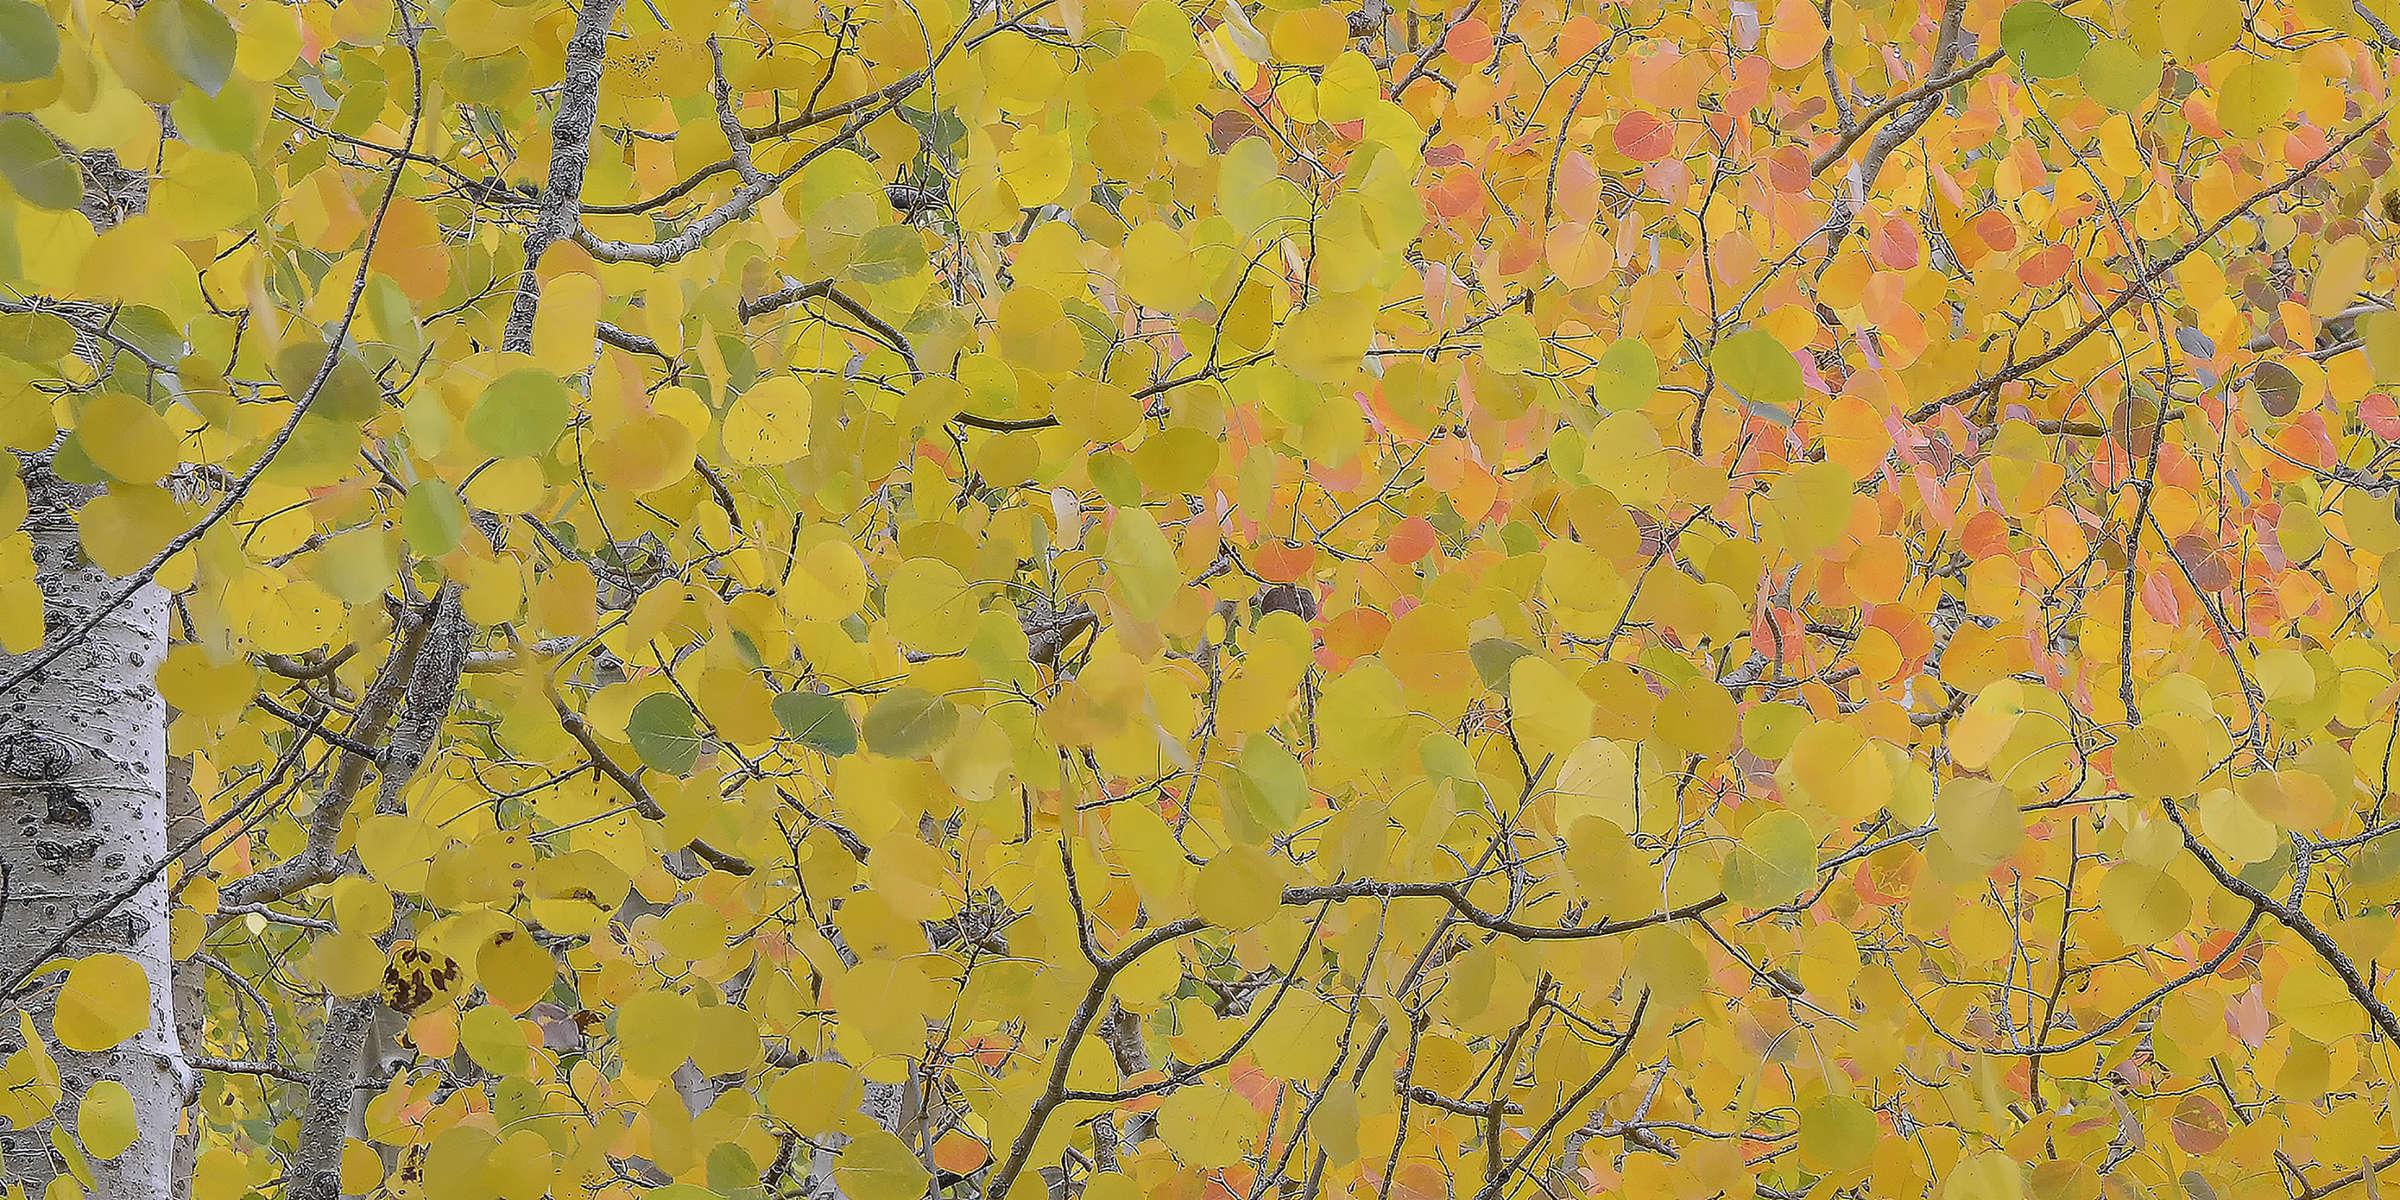 Aspen-Leaves-_1-14x7-for-web